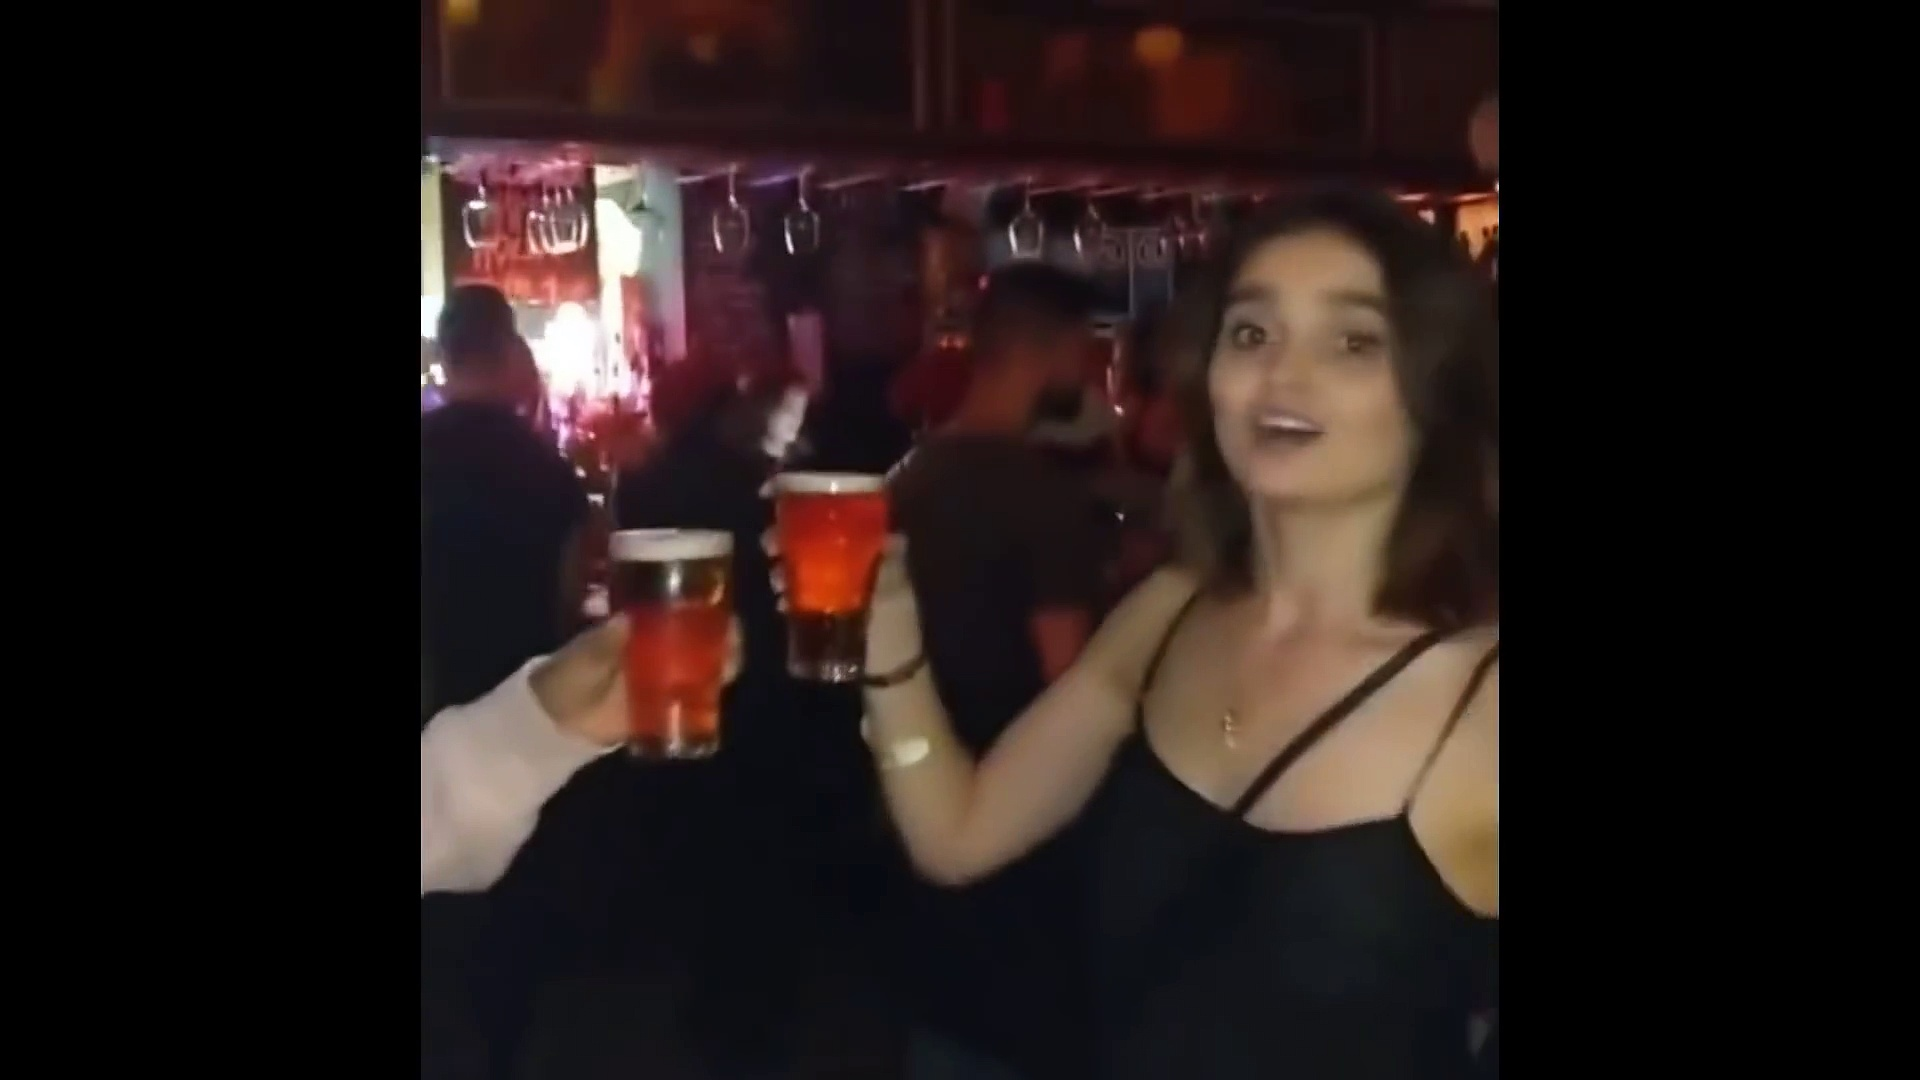 Това видео ще ти оправи настроението: Цецка надпи мъж с бира, той припадна